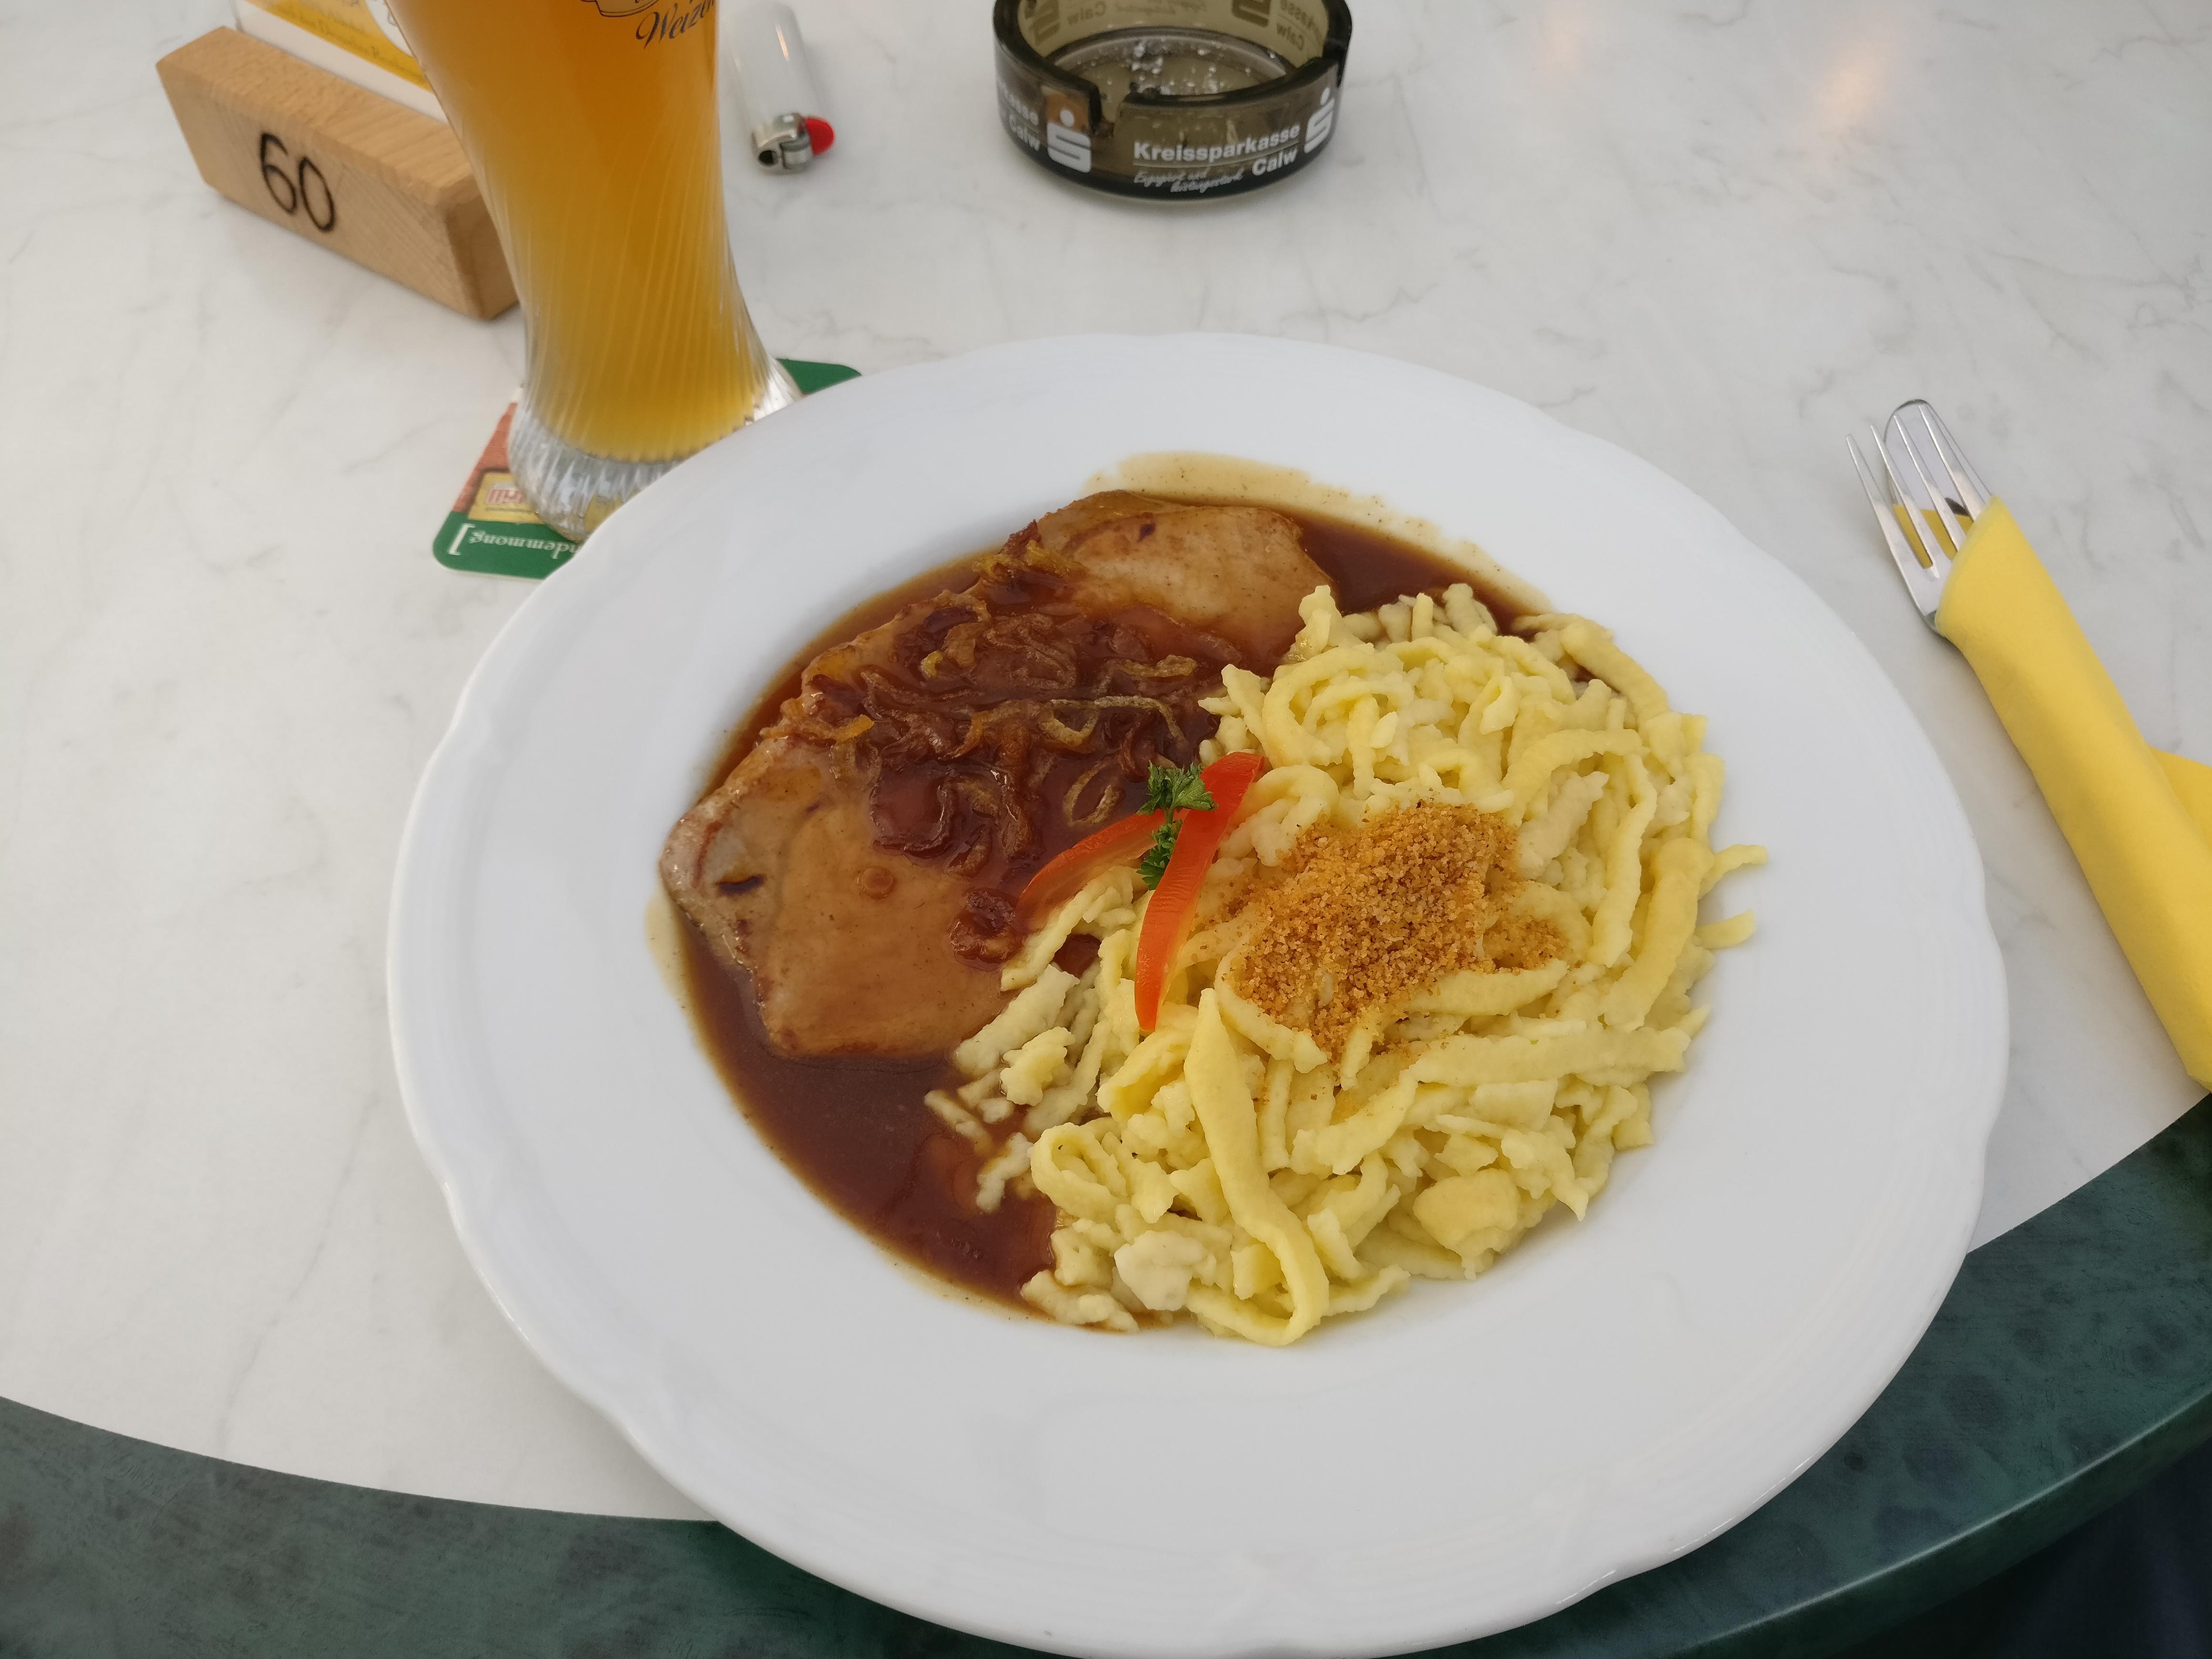 http://foodloader.net/nico_2017-05-28_schnitzel-mit-spaetzle-und-zwiebelsauce.jpg